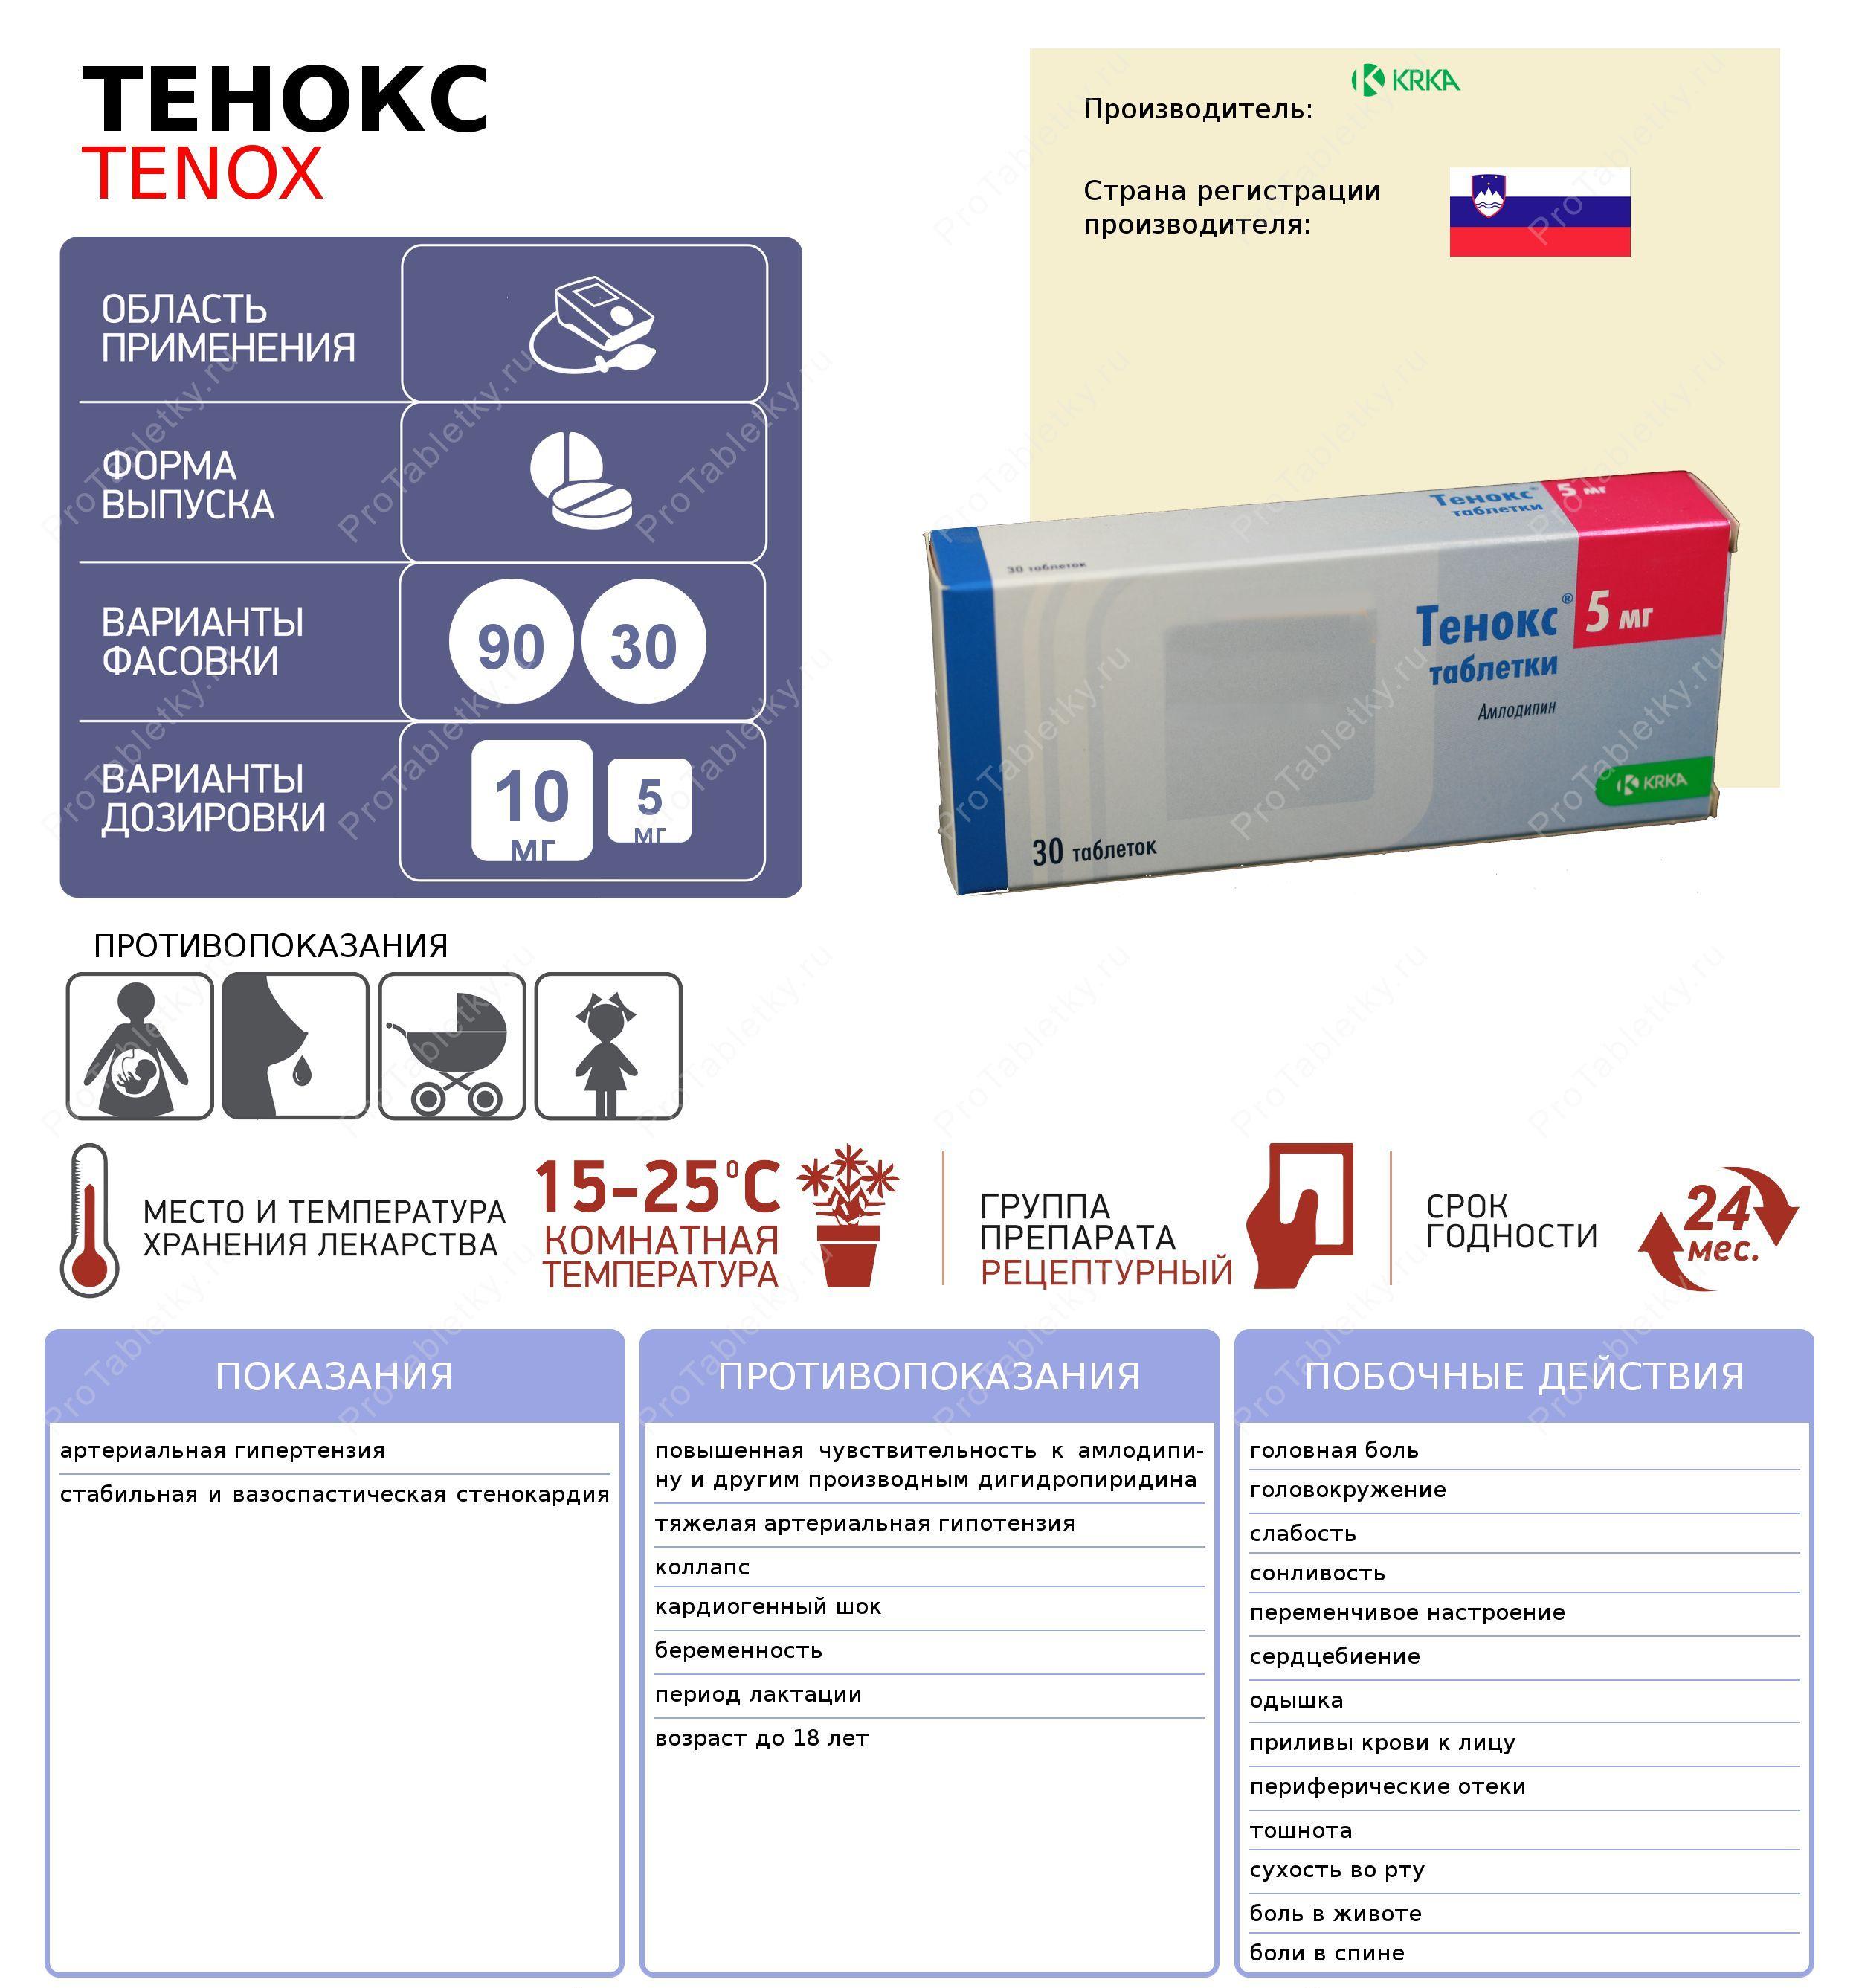 ortosztatikus összeomlás magas vérnyomásban)